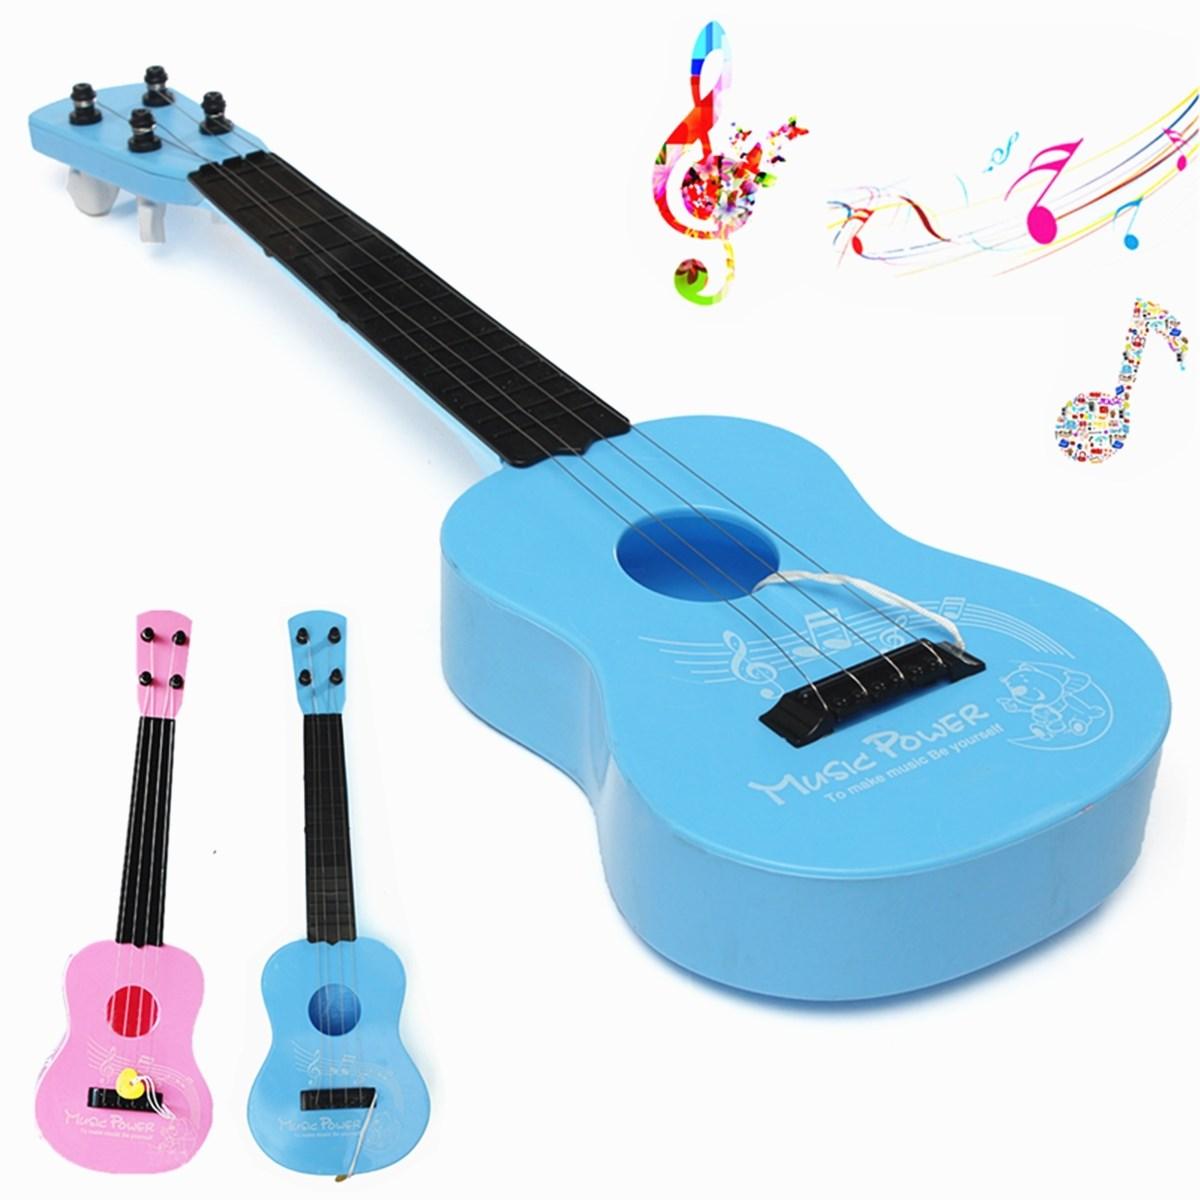 Детский музыкальный инструмент Other детский музыкальный инструмент умка волшебный микрофон b1082812 r6 252751